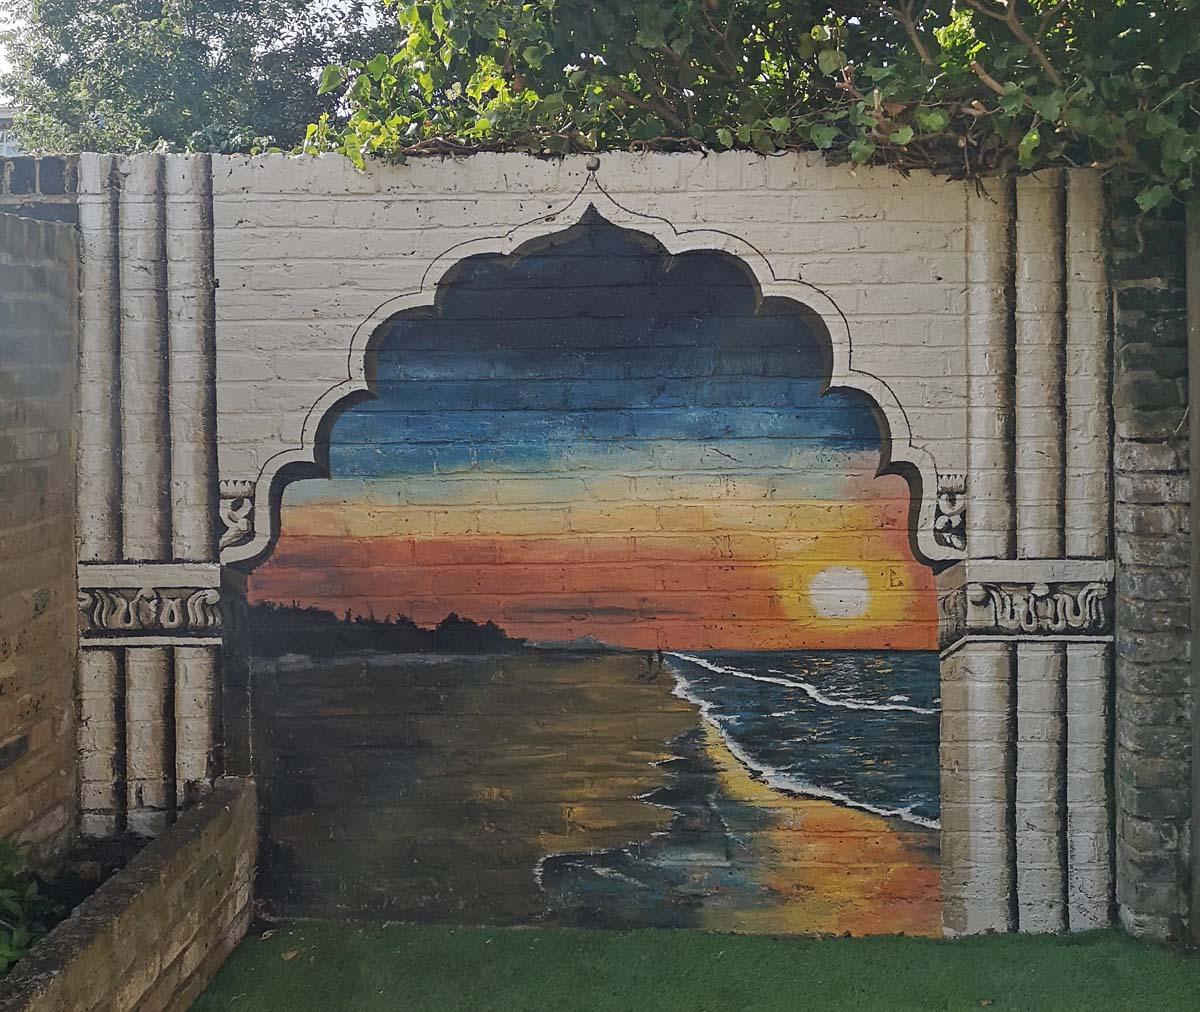 goan beach mural with temple frame